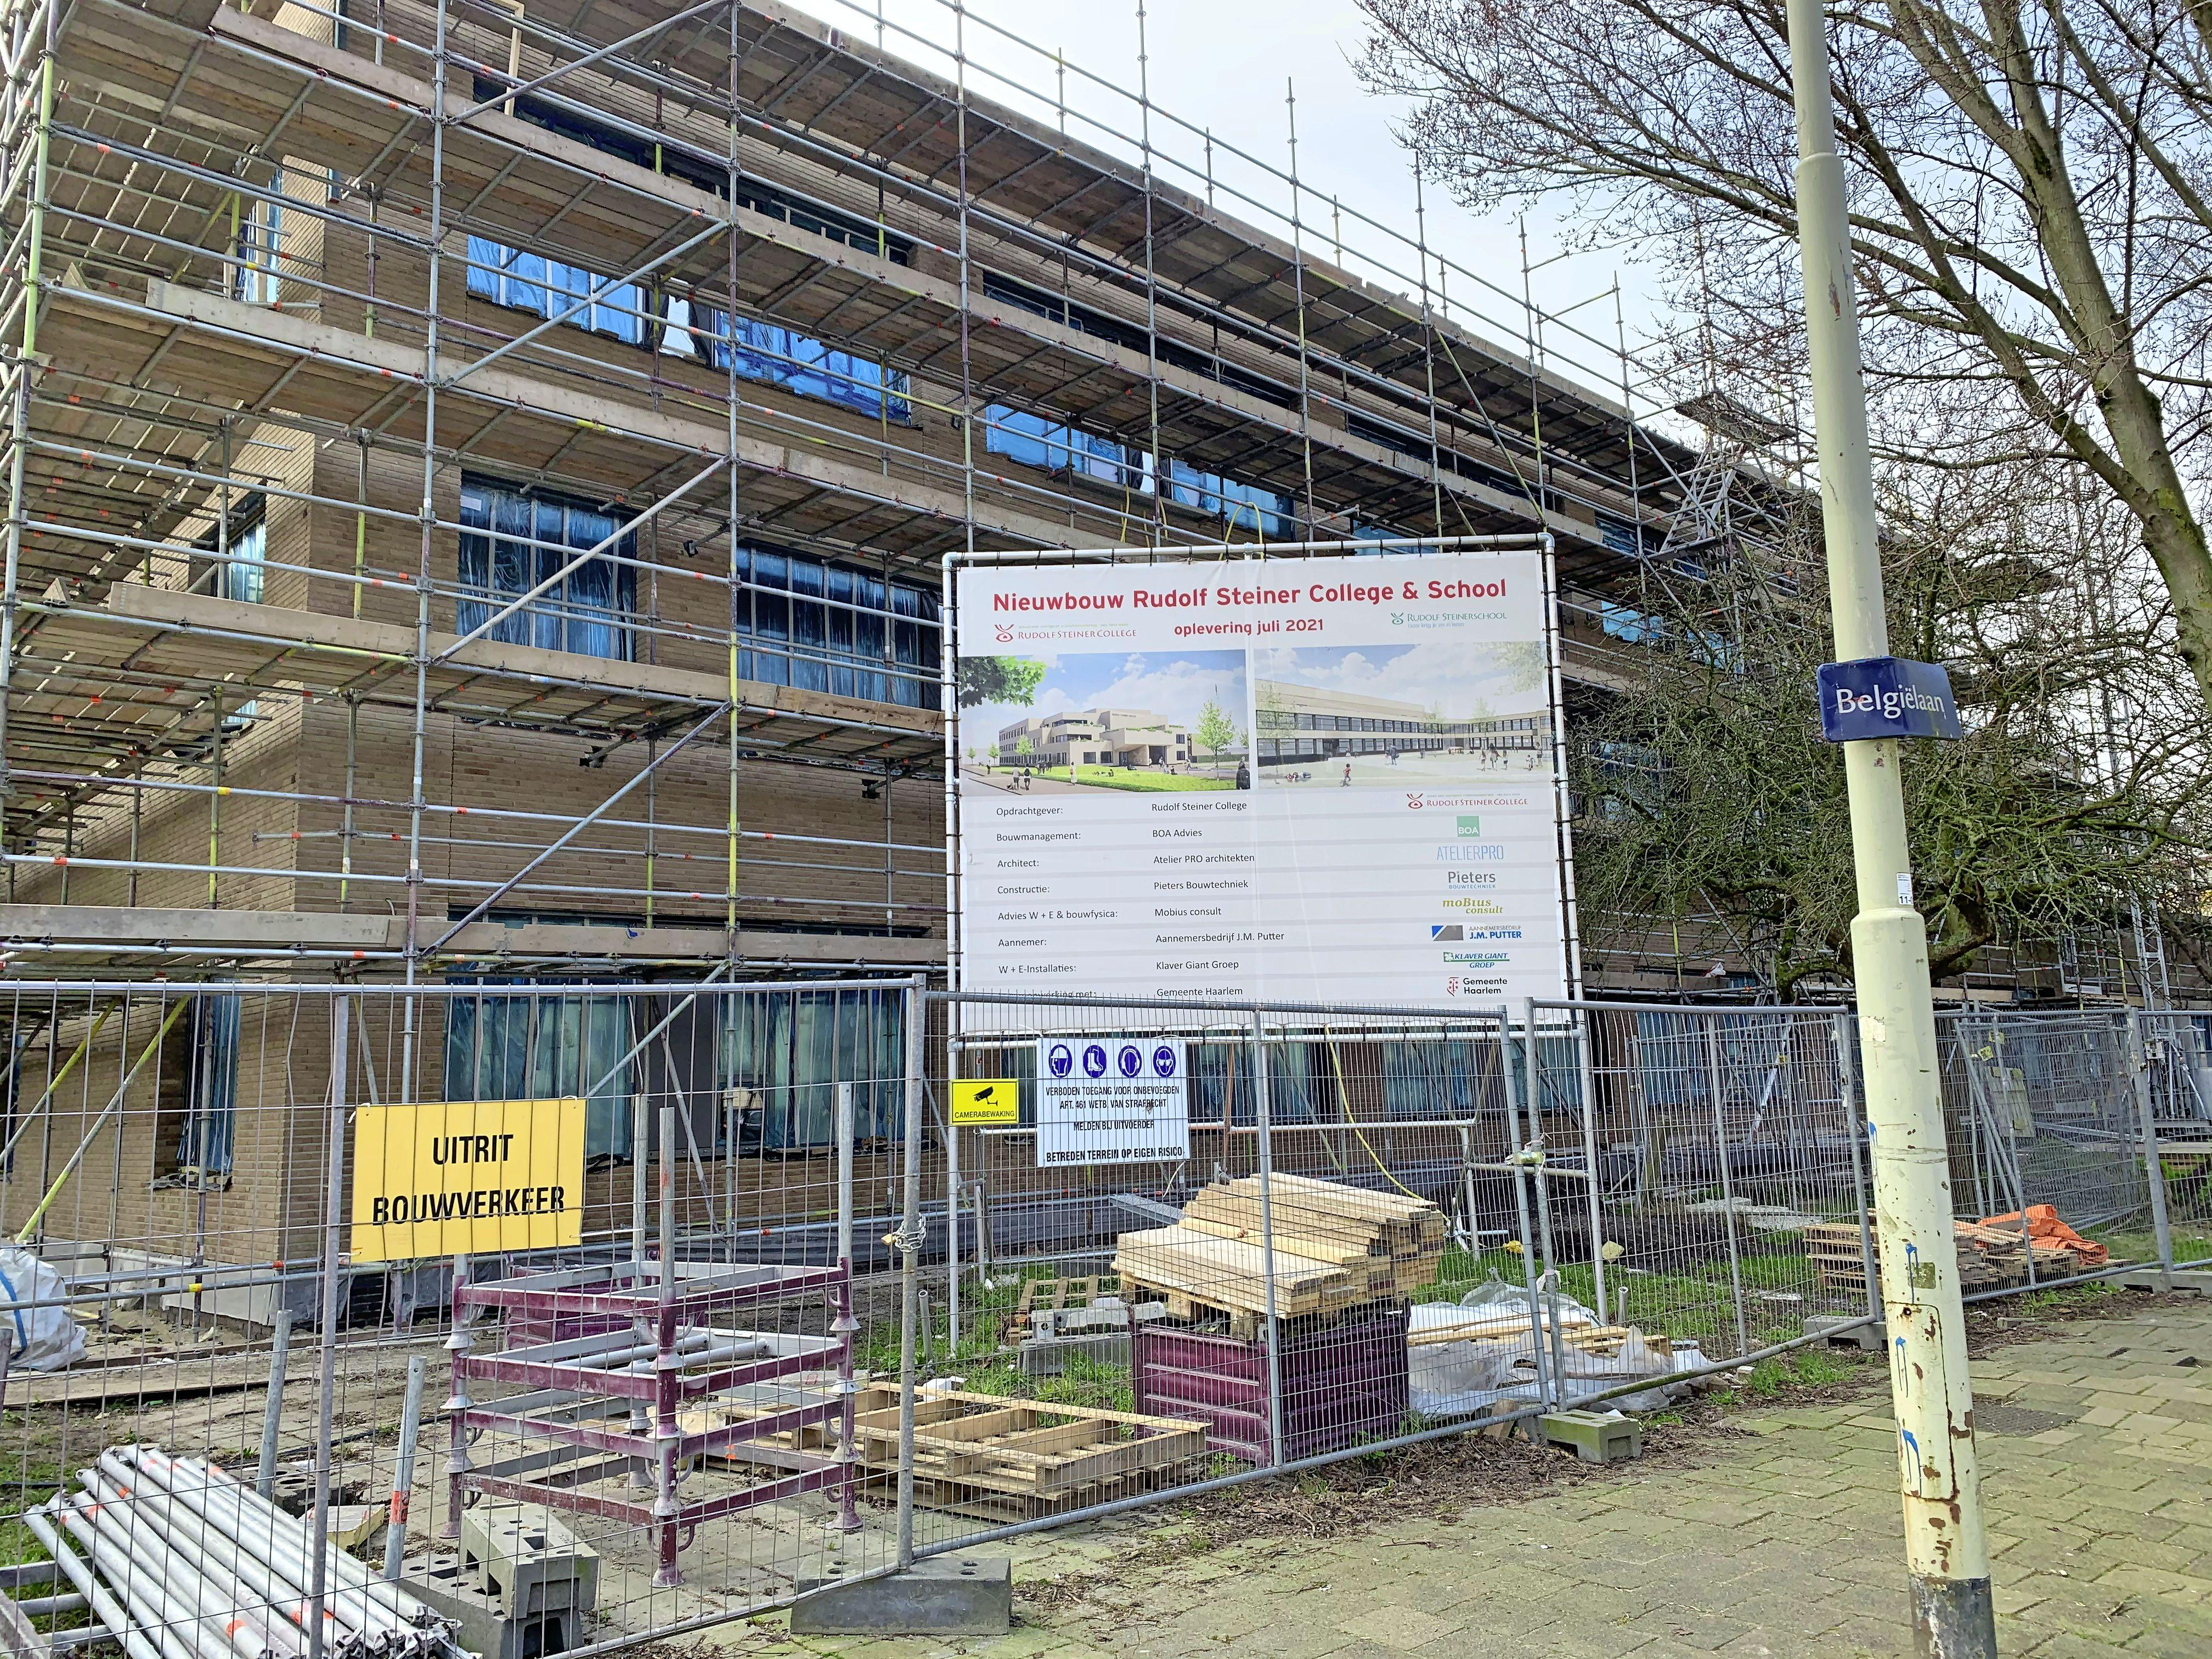 Onvrede bij omwonenden over nieuwbouw Rudolf Steiner College. 'Gevoel dat de school wel de lusten wil, maar niet de lasten'